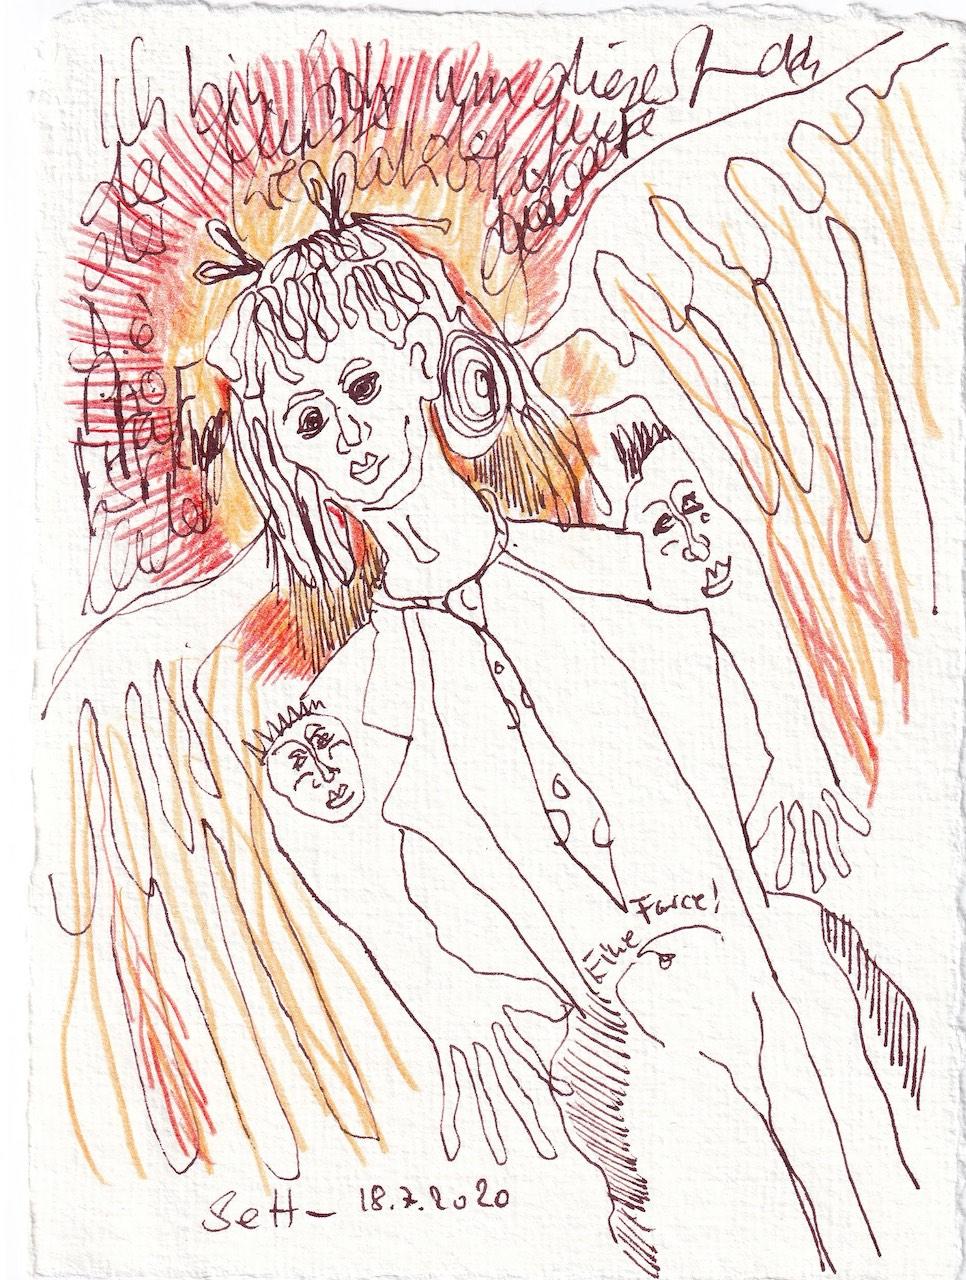 Tagebucheintrag 18.7.2020, Eine Farce!, 20 x 15 cm, Tinte und Buntstift auf Silberburg Büttenpapier, Zeichnung von Susanne Haun (c) VG Bild-Kunst, Bonn 2020